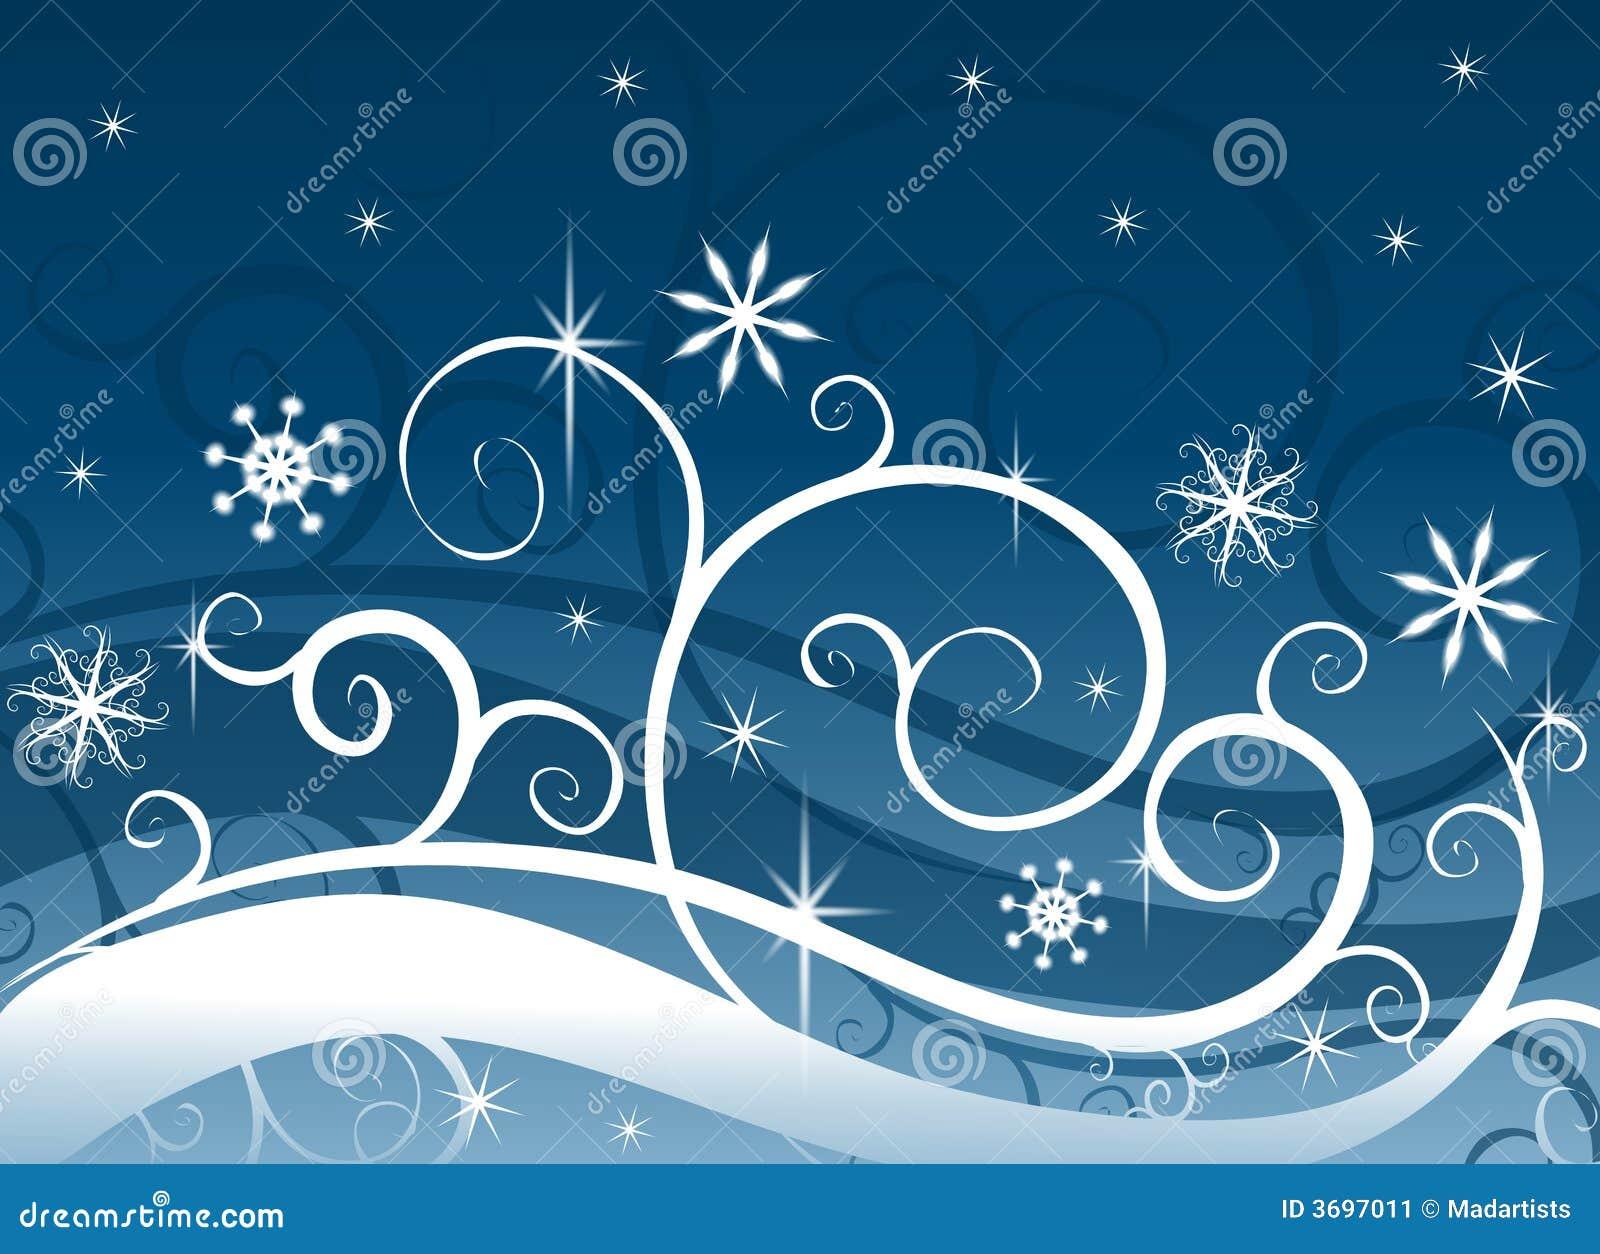 De blauwe Sneeuwvlokken van het Sprookjesland van de Winter